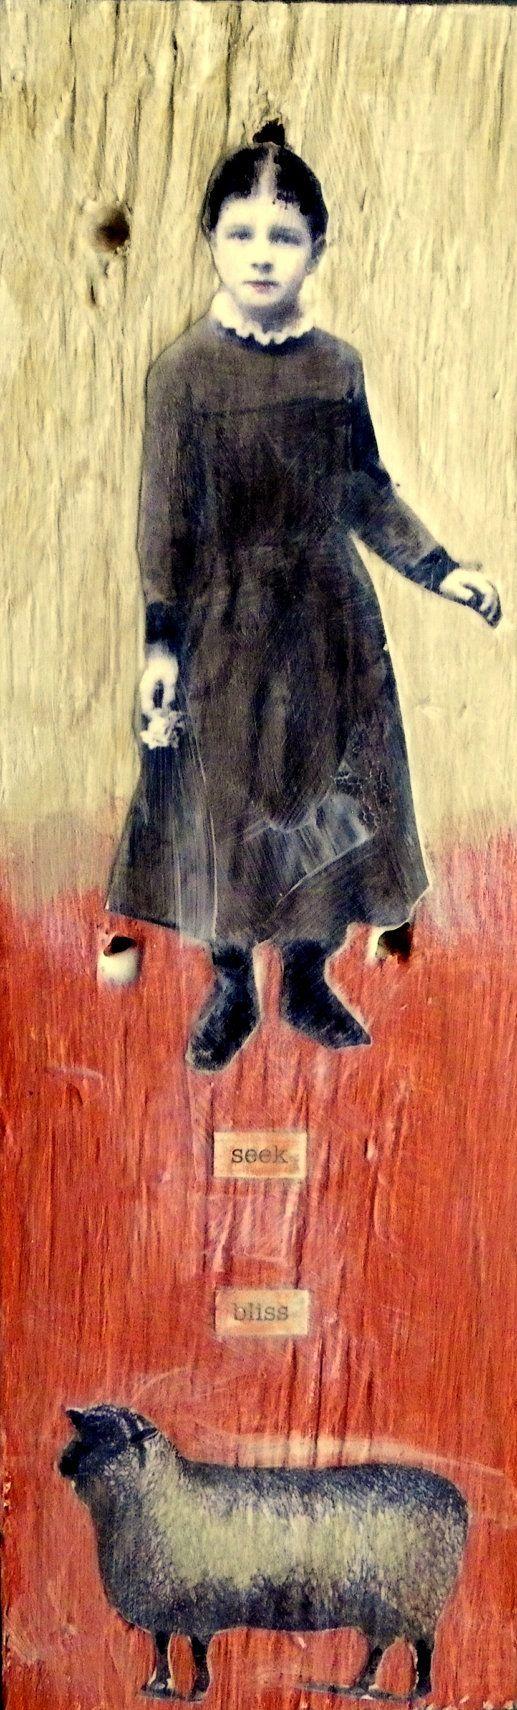 Seek Bliss original vintage inspired painting by Maudstarr